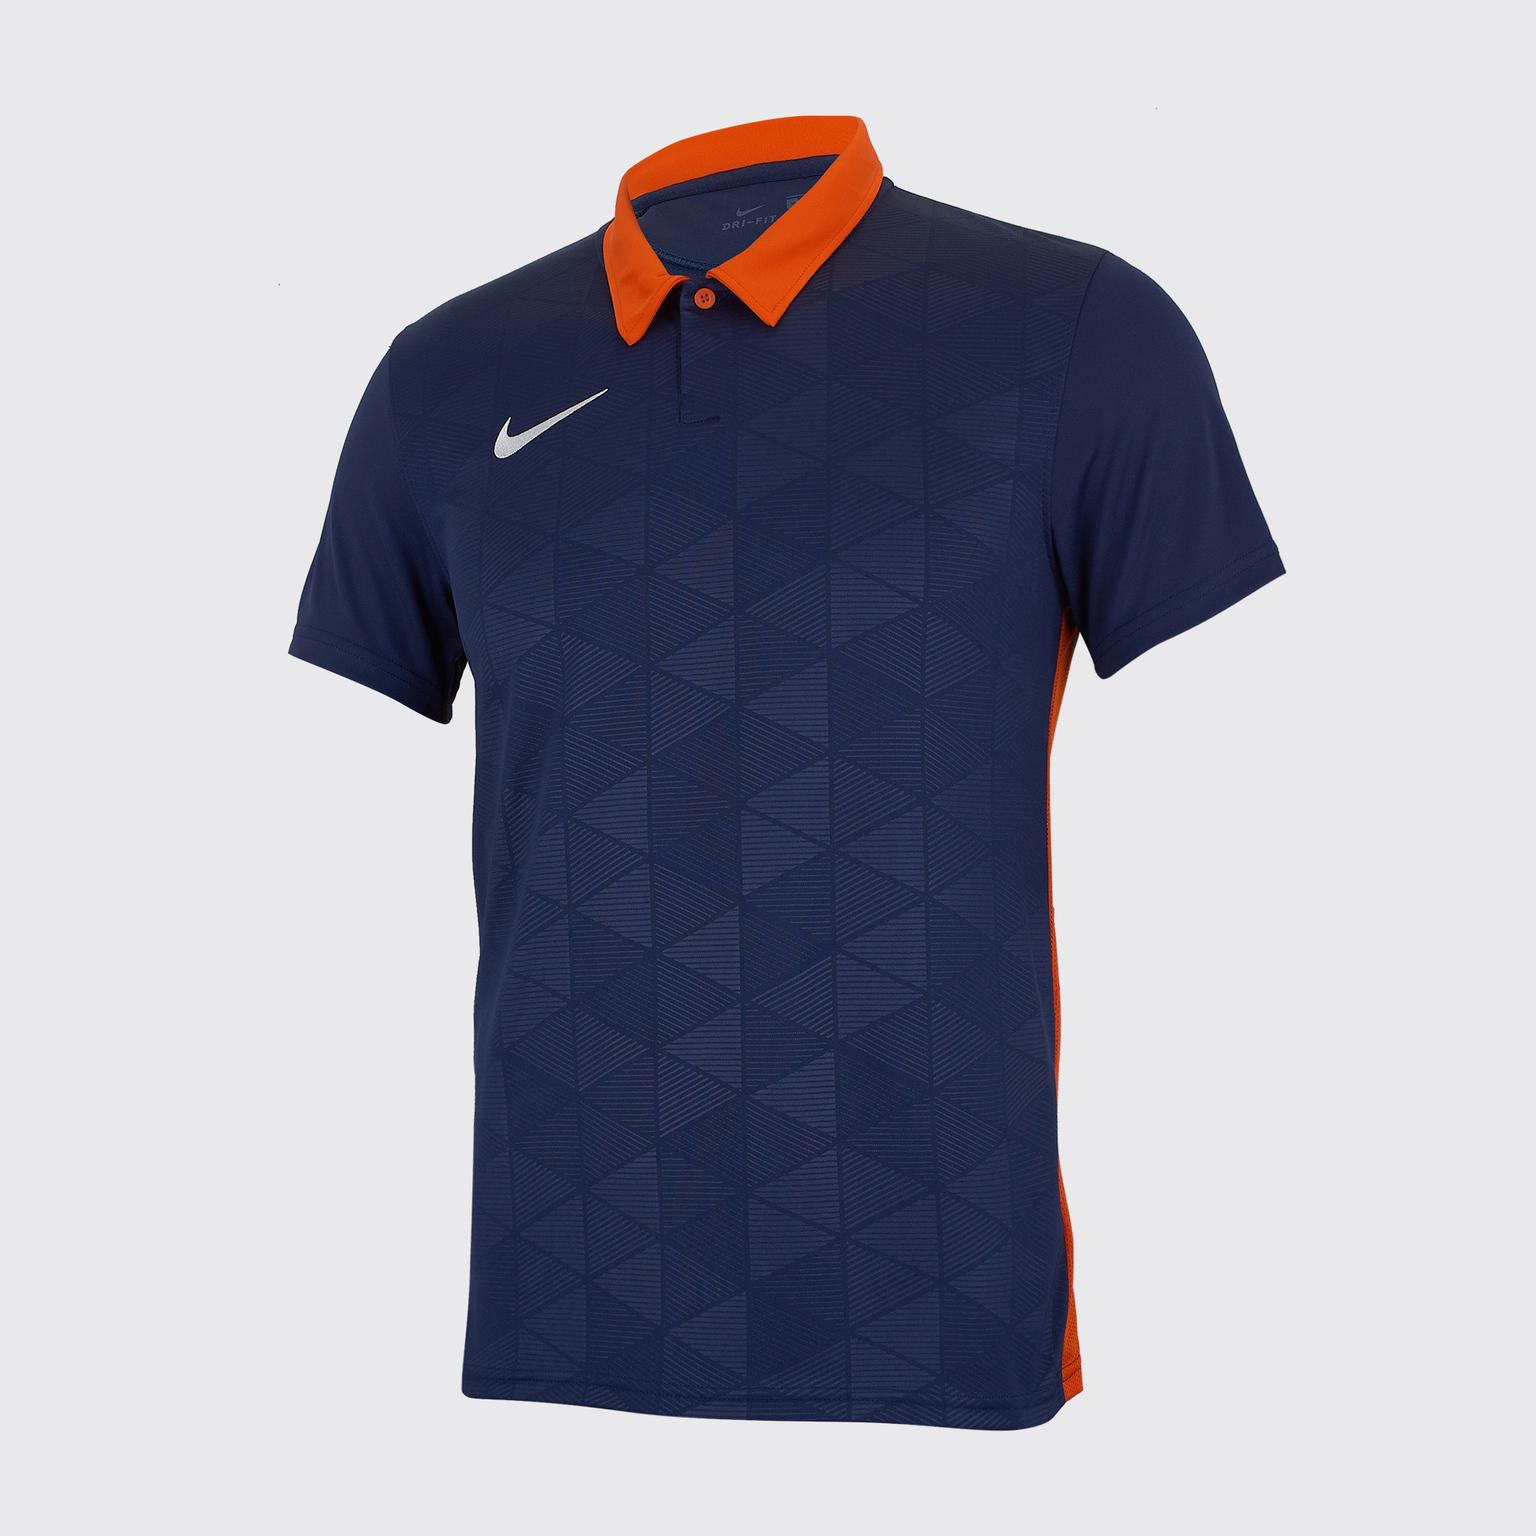 Футболка игровая Nike Trophy IV BV6725-413 футболка игровая nike trophy iv bv6725 413